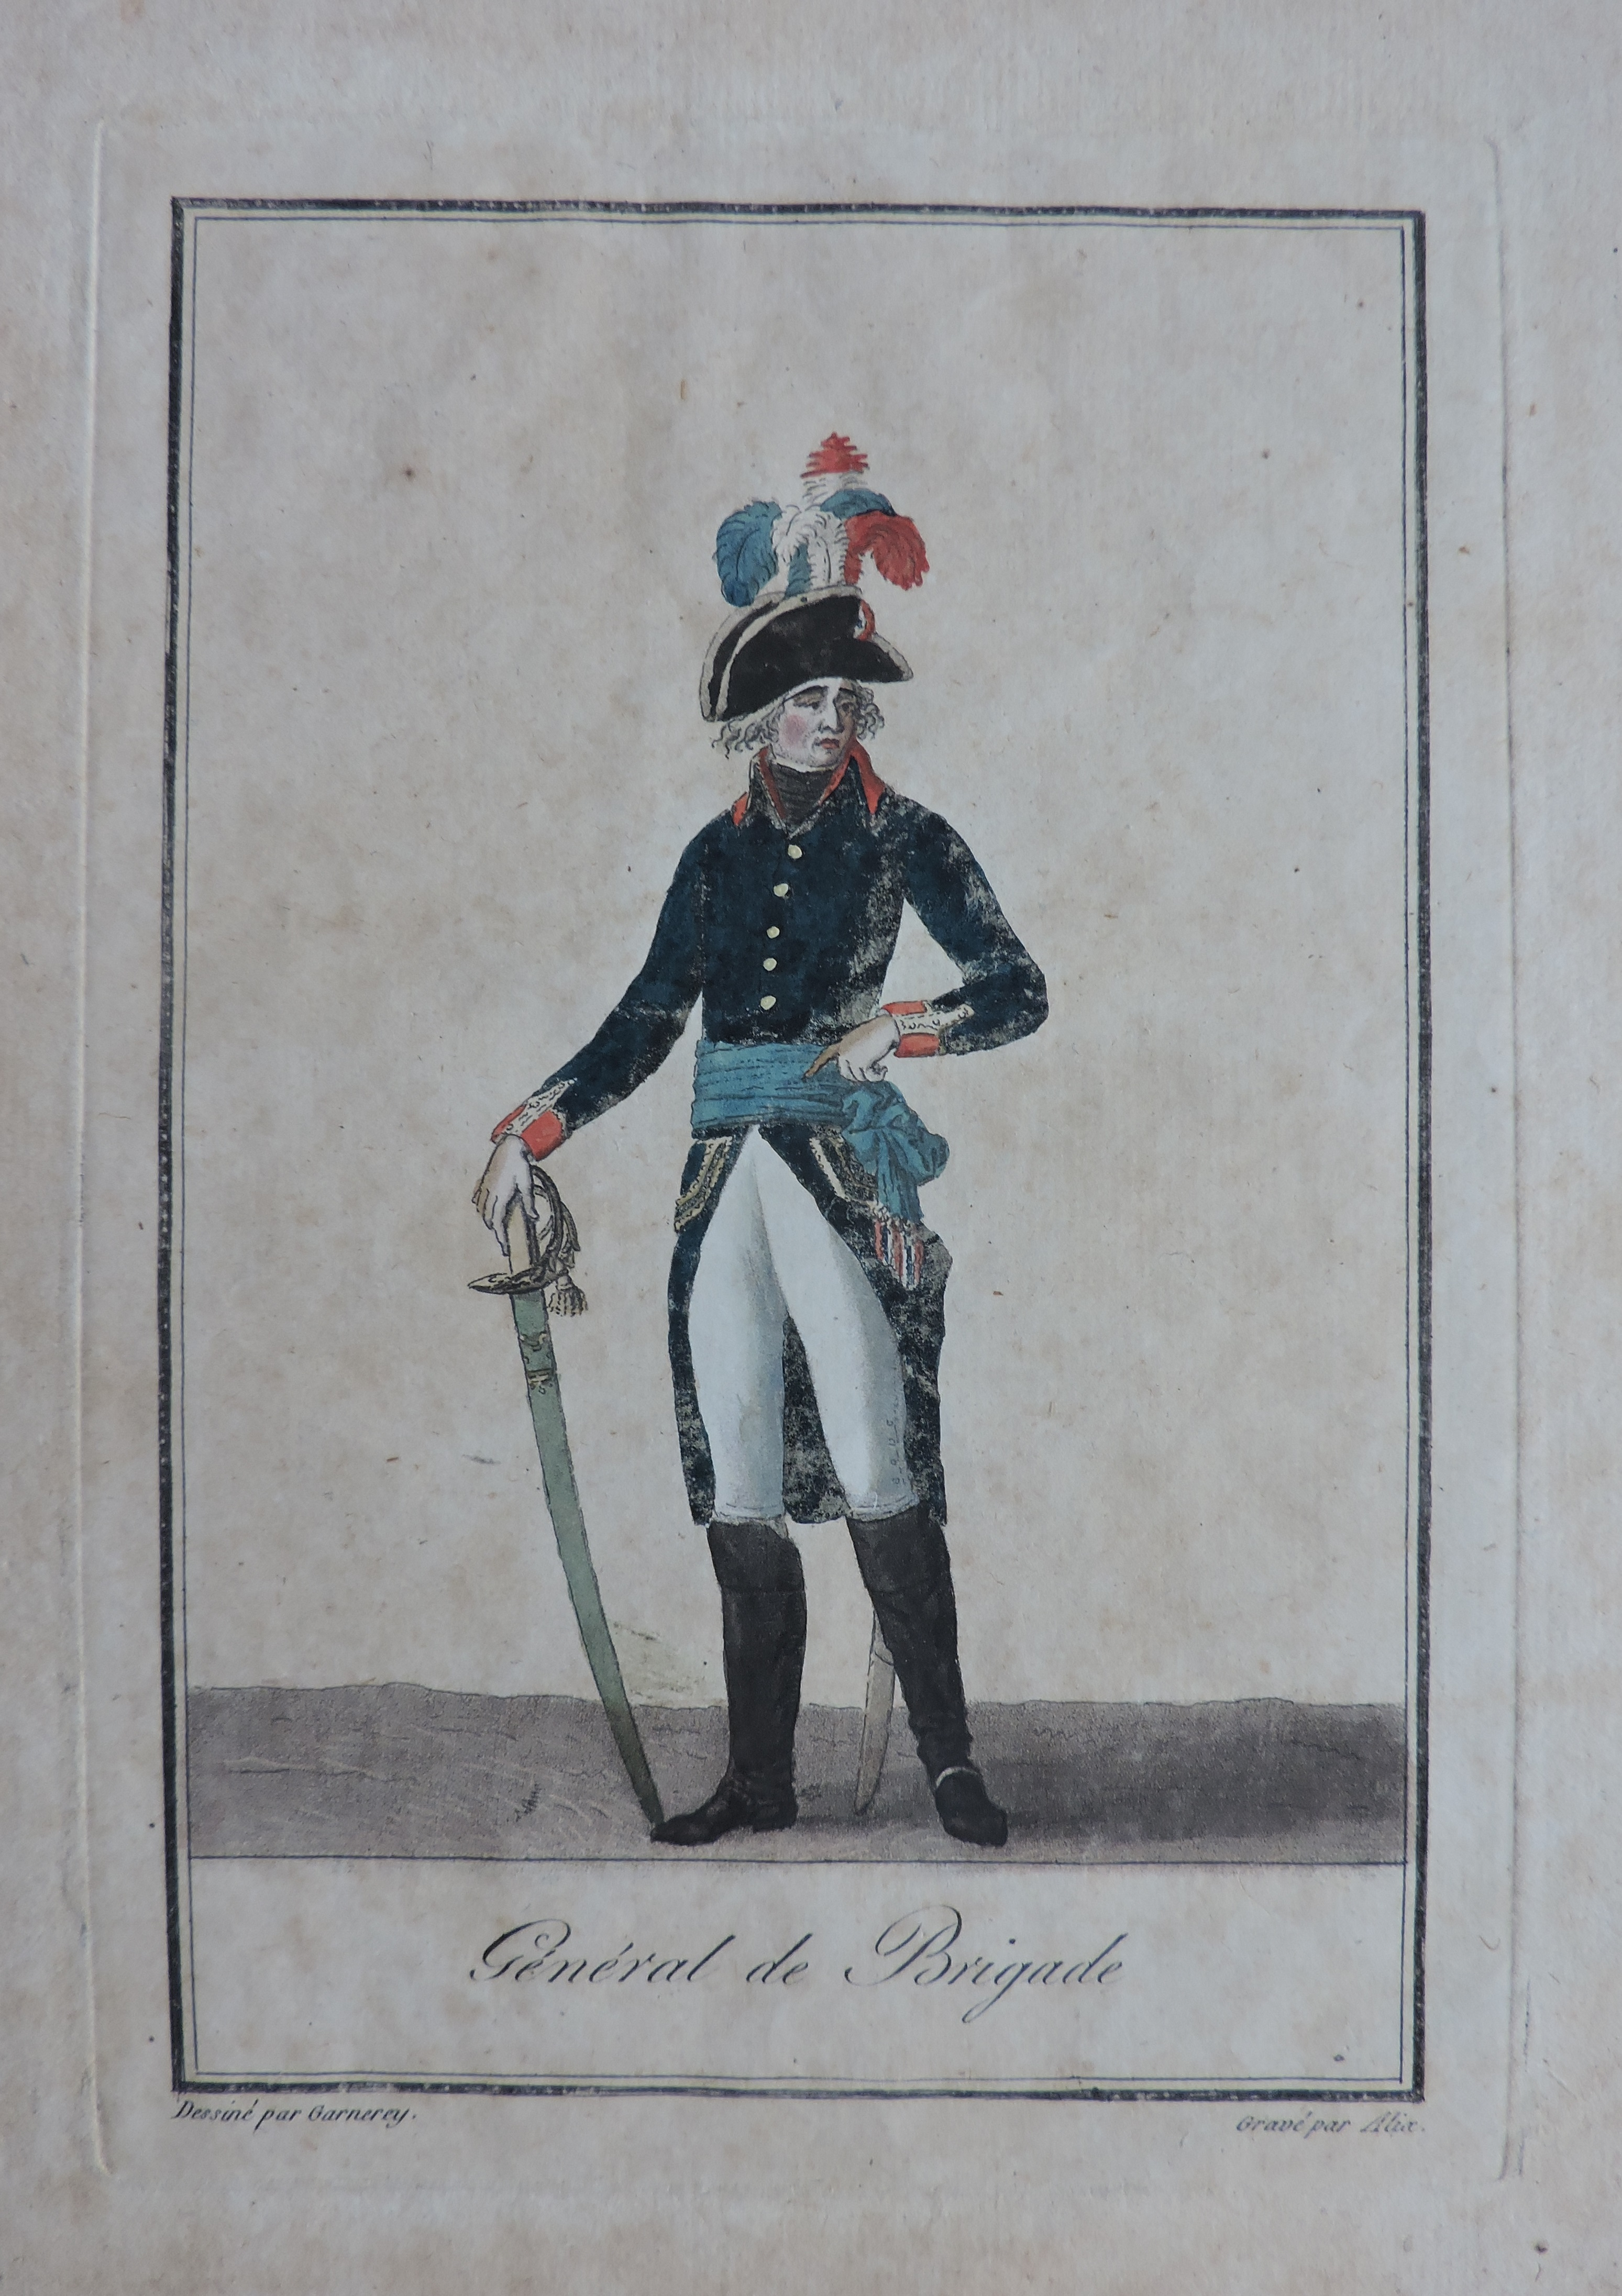 Général de brigade